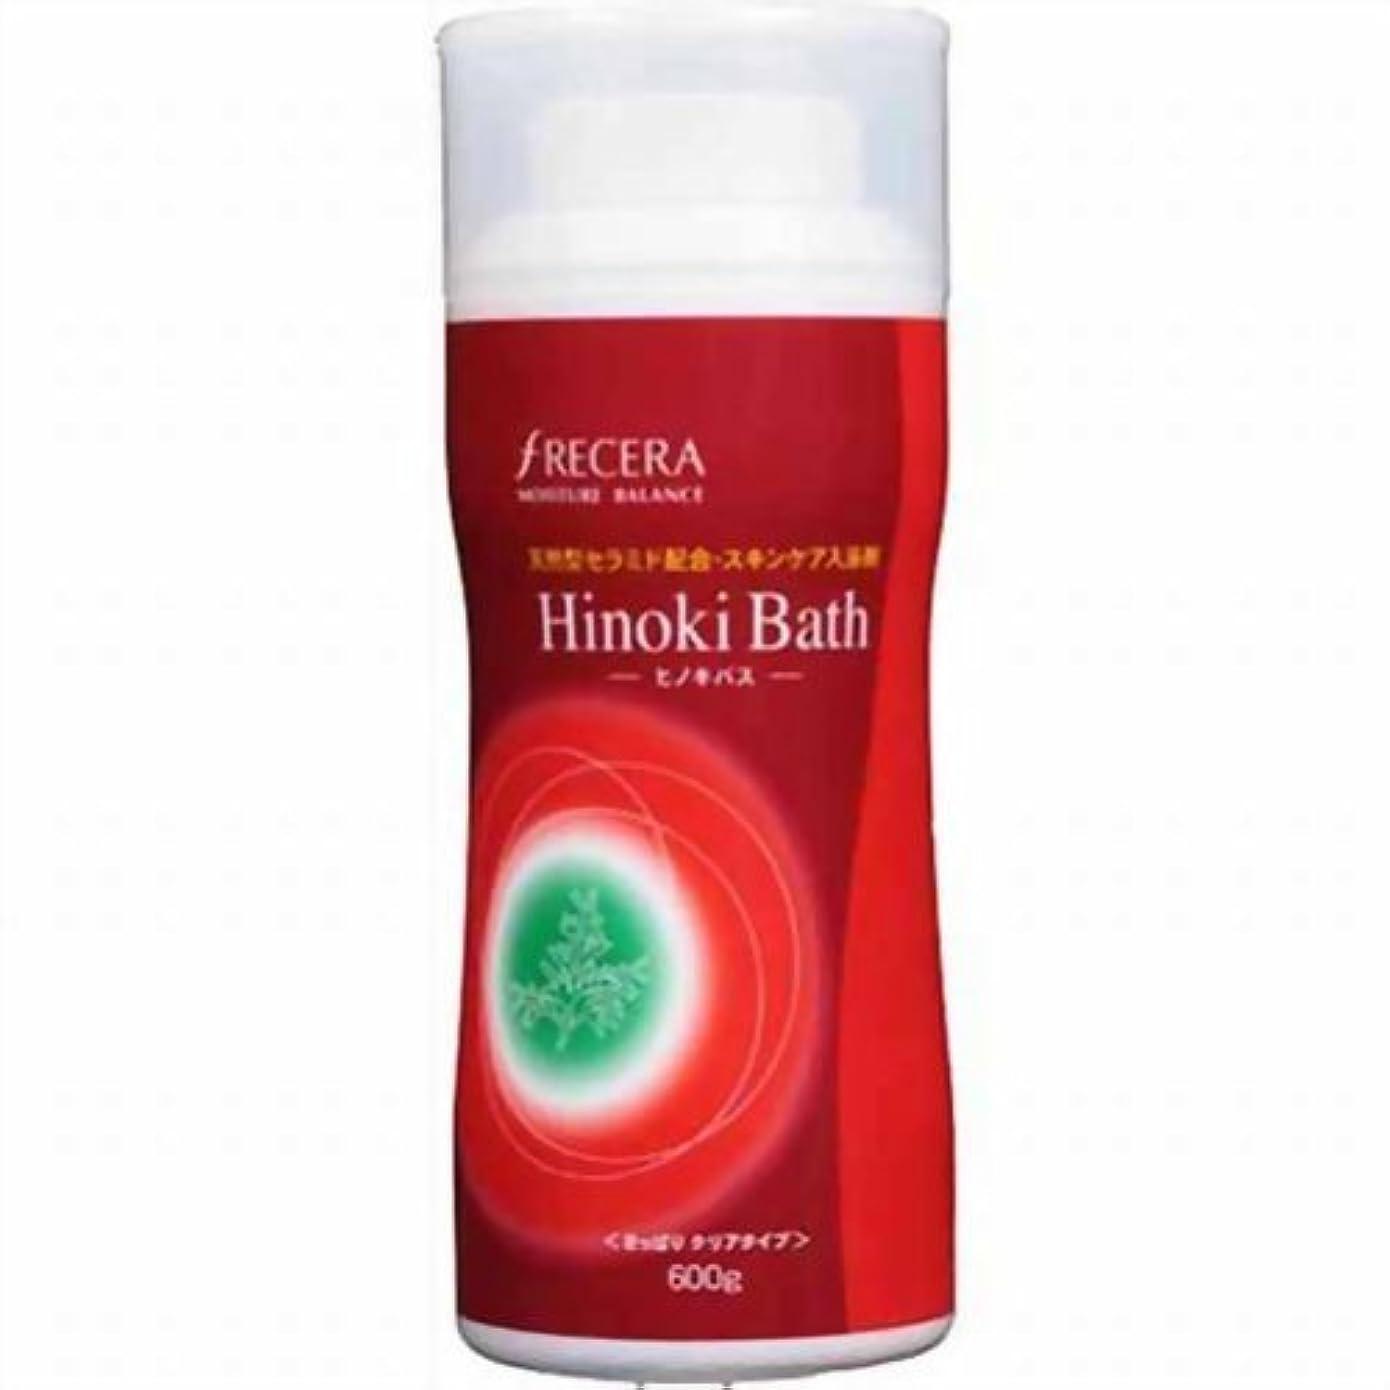 予算薄いです無限大フレッセラ セラミド入浴剤 ヒノキバス 600g